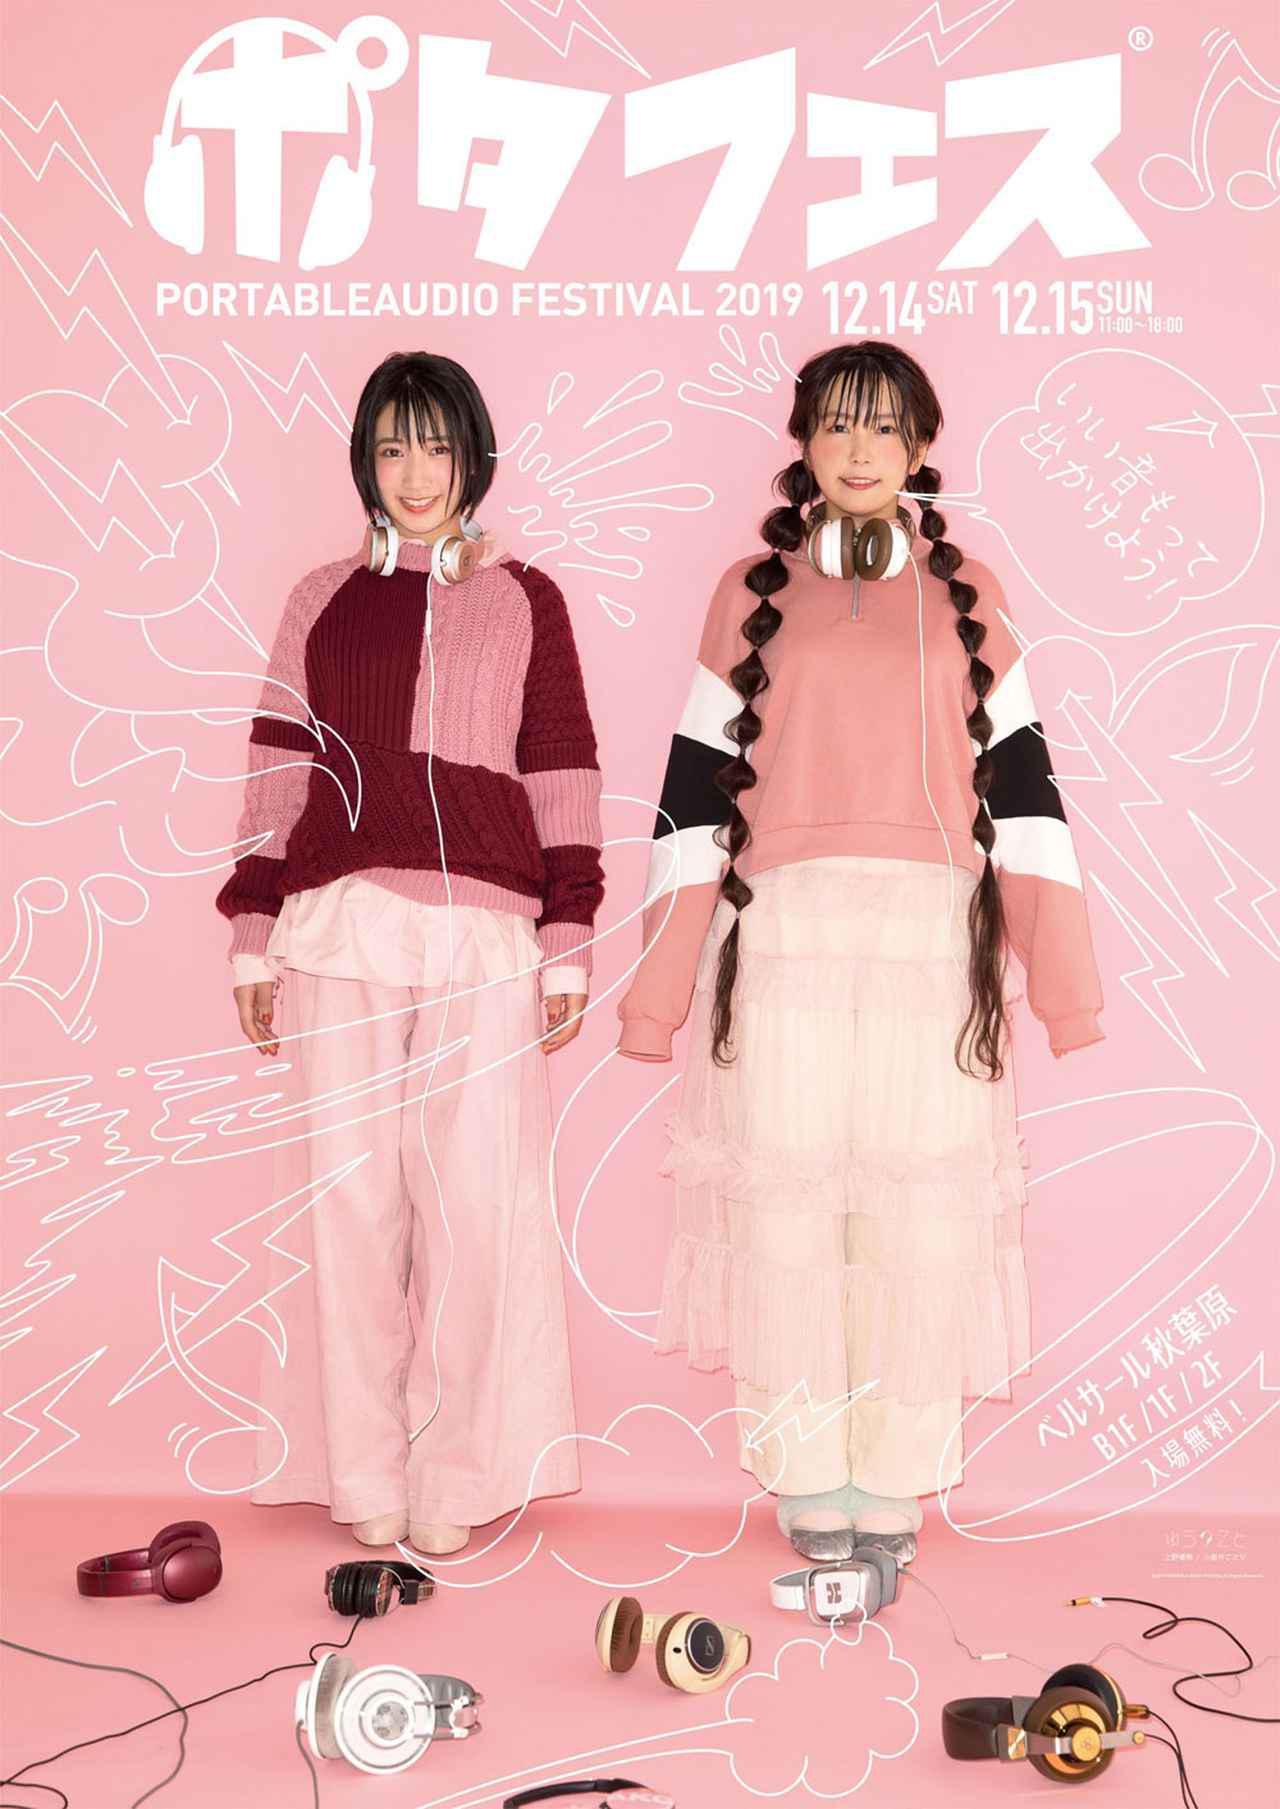 画像1: e☆イヤホン主催の「ポタフェス2019冬 東京・秋葉原」、12月14日(土)15日(日)の2日間、秋葉原で開催。国内外約220ブランドが集結!